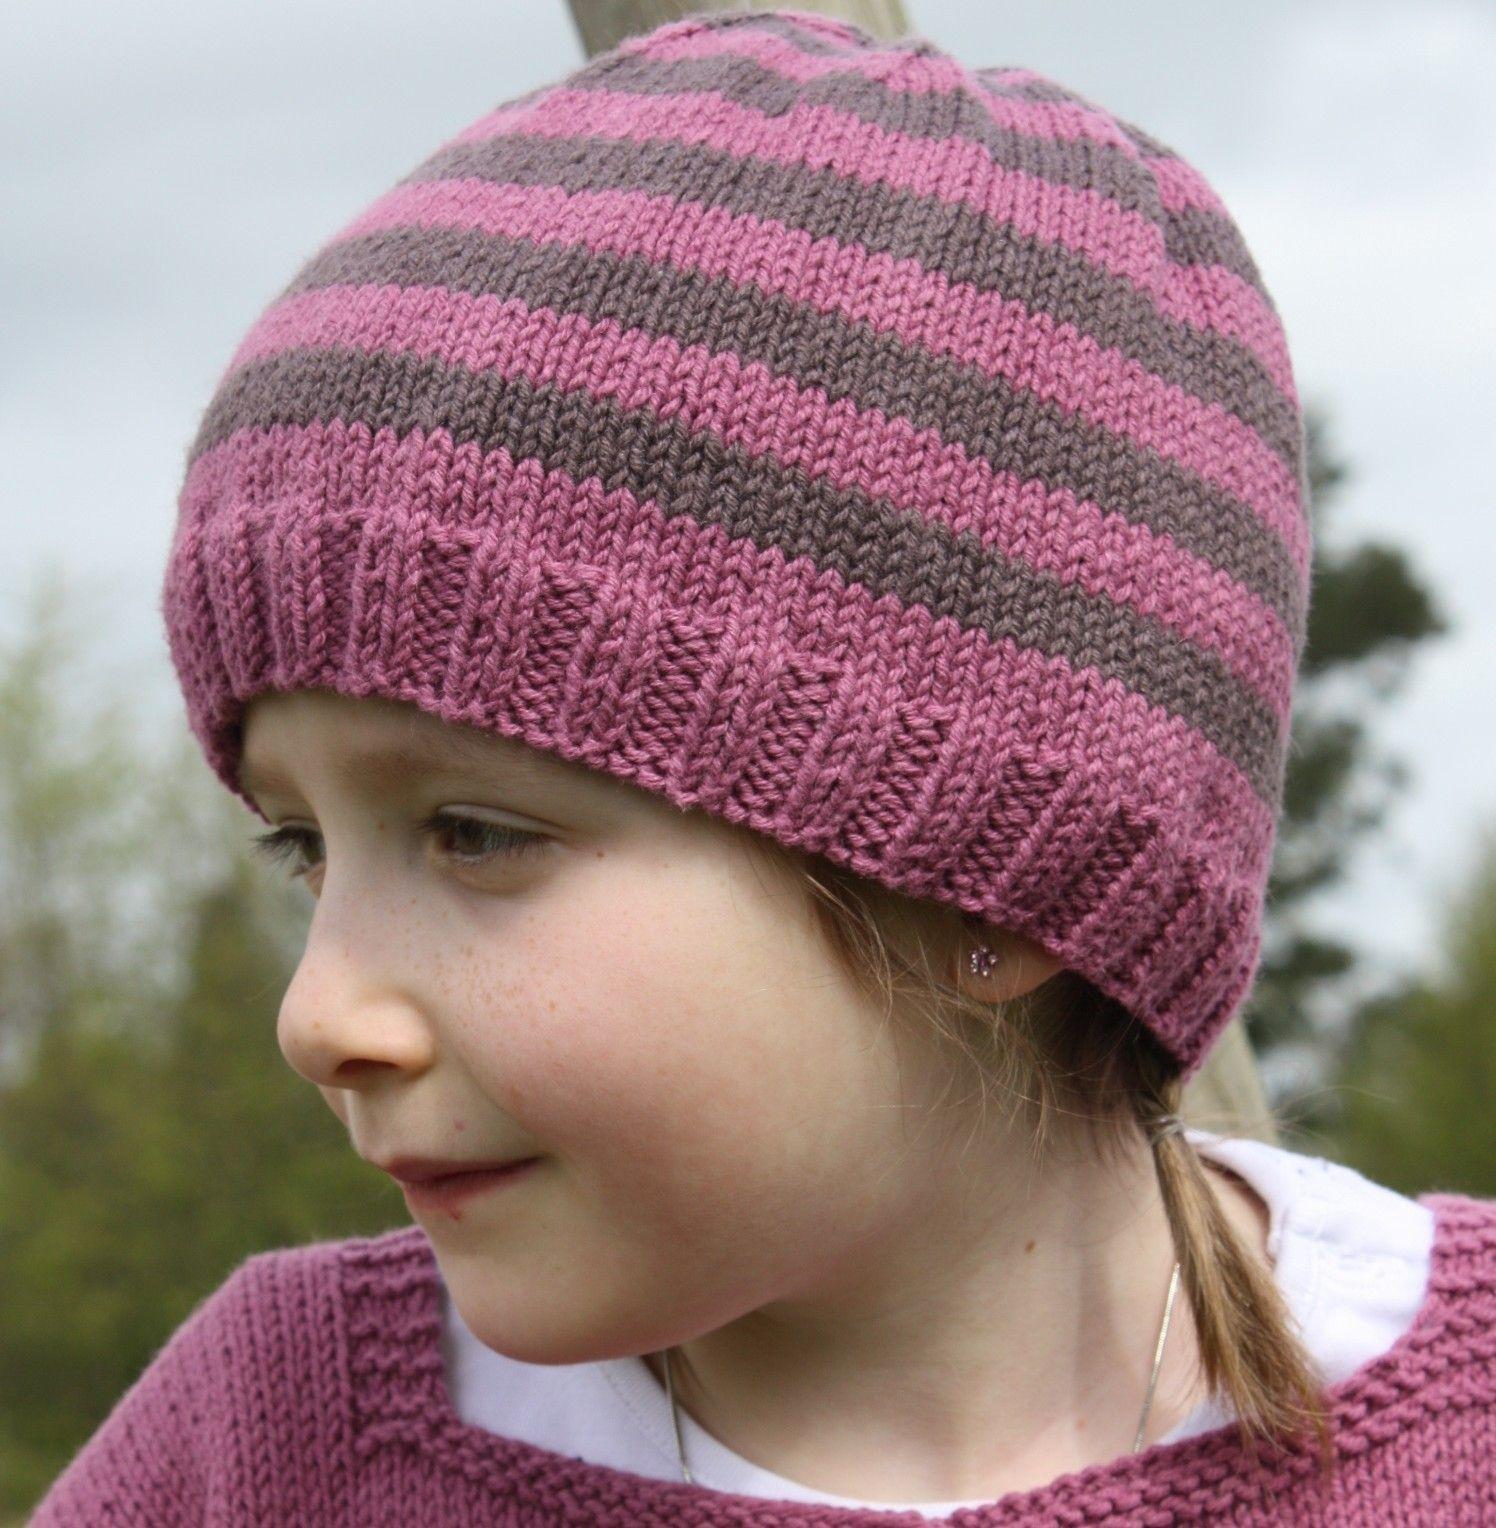 tricoter un bonnet fille 4 ans